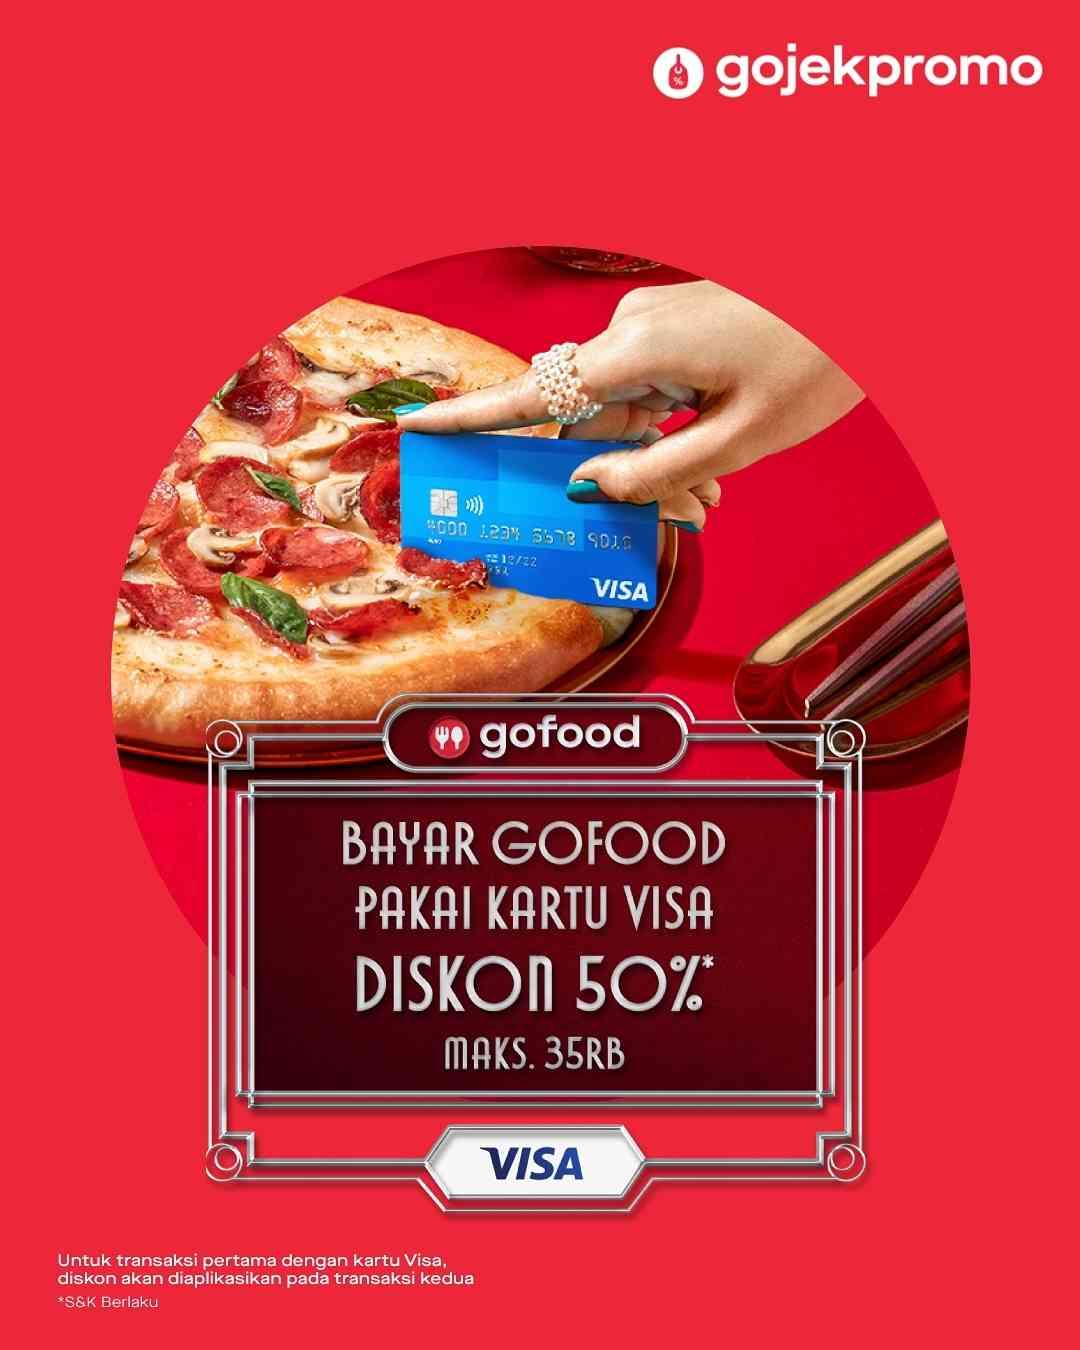 Diskon GoFood Diskon 50% Setip Bayar Pakai Kartu Visa